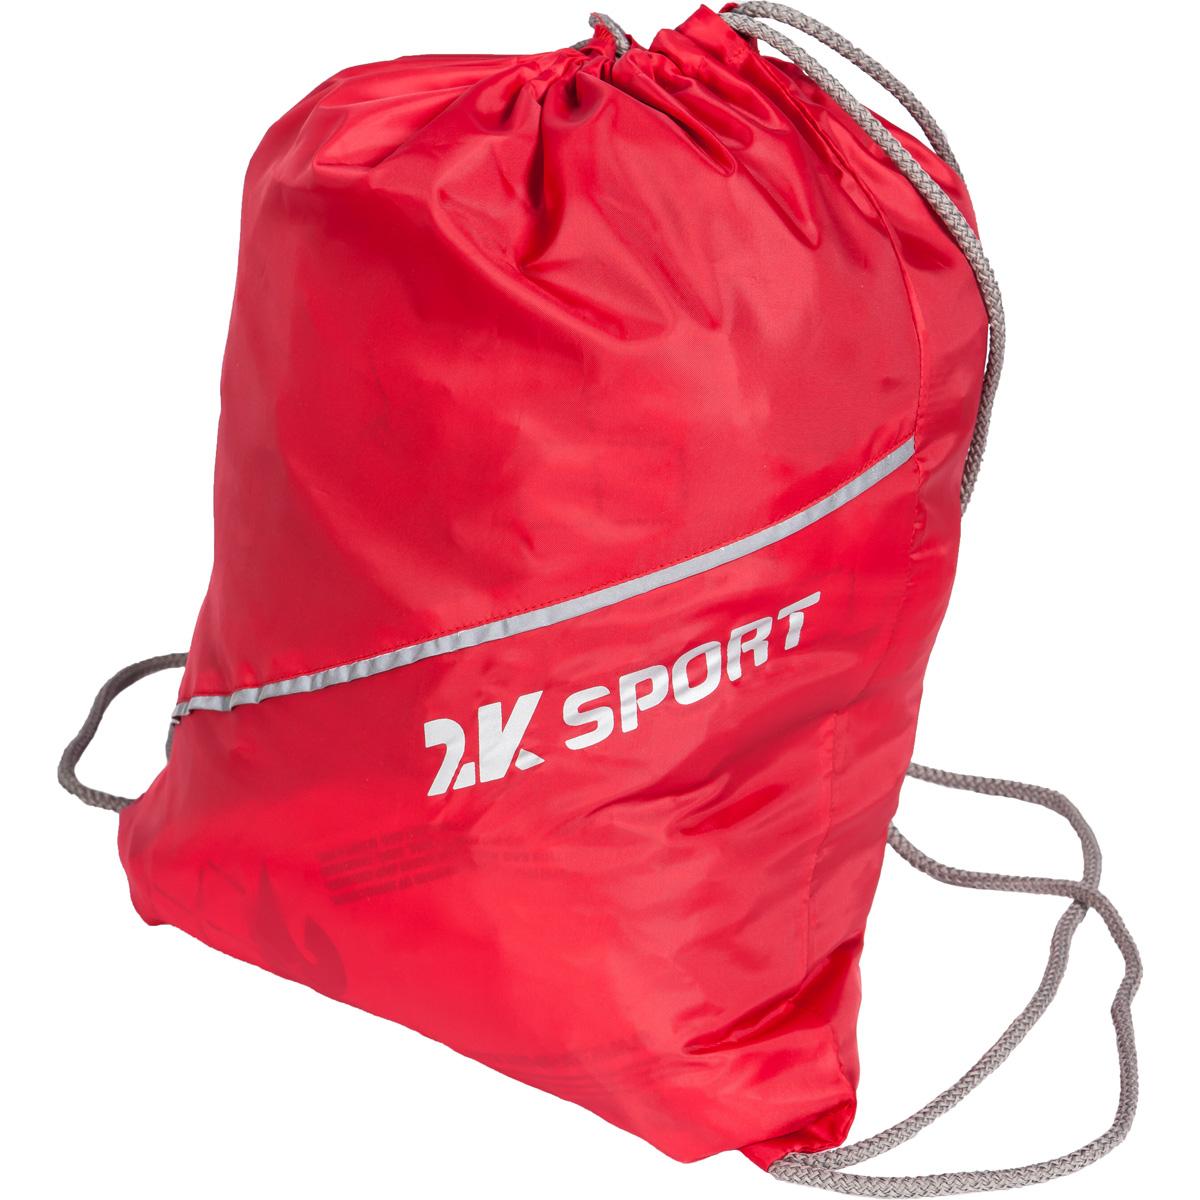 Сумка-мешок для обуви 2K Sport Team, цвет: красныйКостюм Охотник-Штурм: куртка, брюкиМешок для обуви 2K Sport Team изготовлен из высококачественного прочного текстиля. Мешок имеет одно отделение, закрывающееся стягивающимся шнуром. Плотная прочная ткань надежно защитит обувь от непогоды, а удобные петли шнура позволят носить мешок как в руках, так и за спиной.